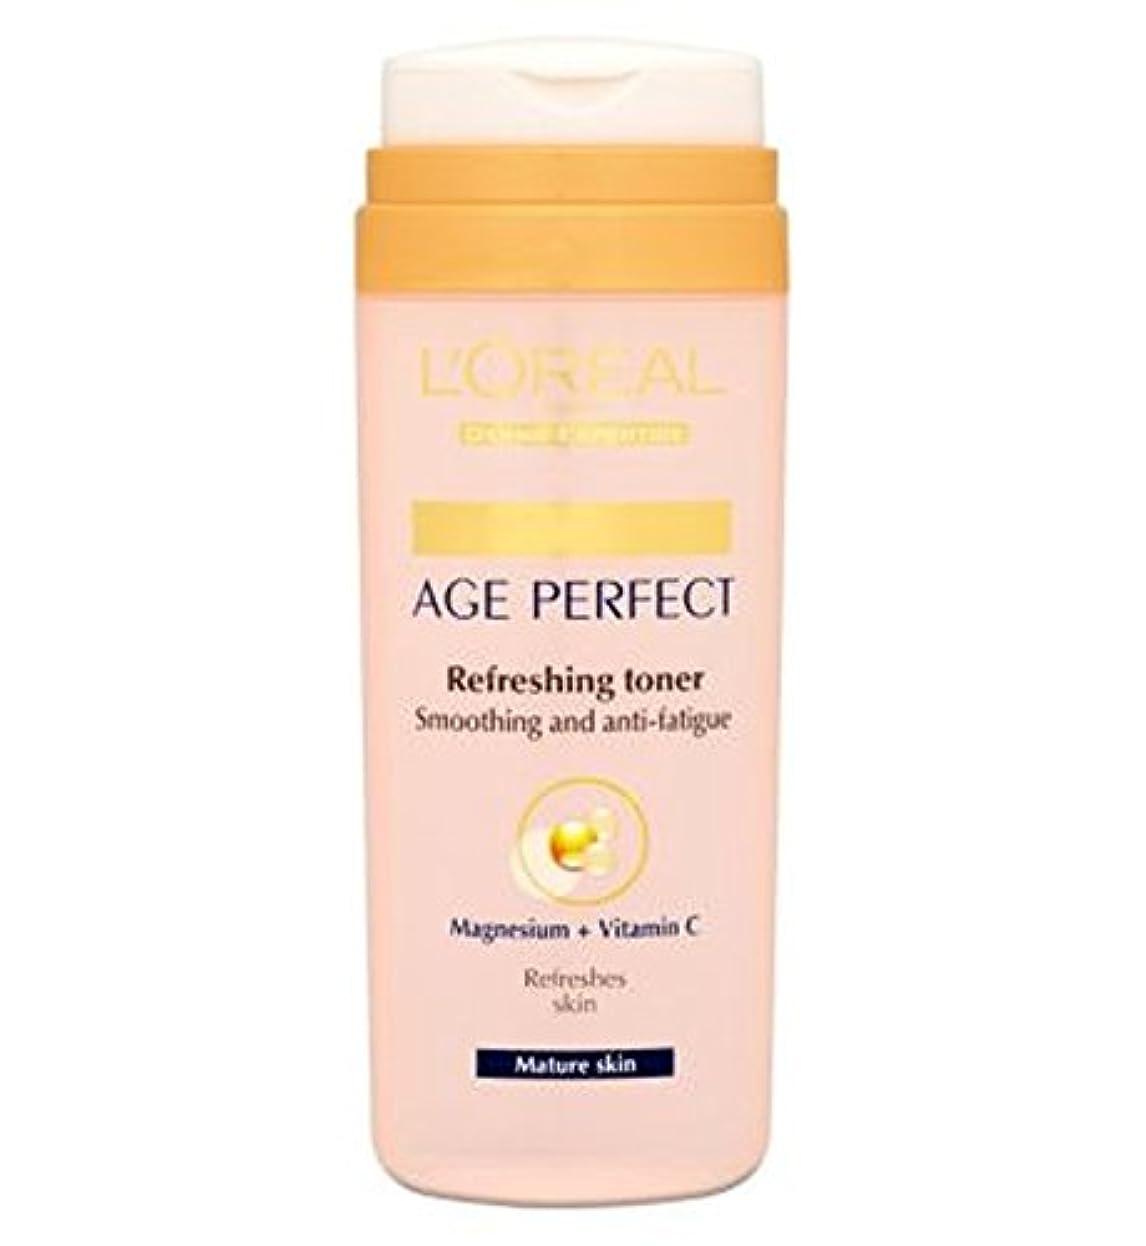 不定五月報酬L'Oreallパリ真皮専門知識の年齢、完璧なさわやかなトナー成熟肌の200ミリリットル (L'Oreal) (x2) - L'Oreall Paris Dermo-Expertise Age Perfect Refreshing...